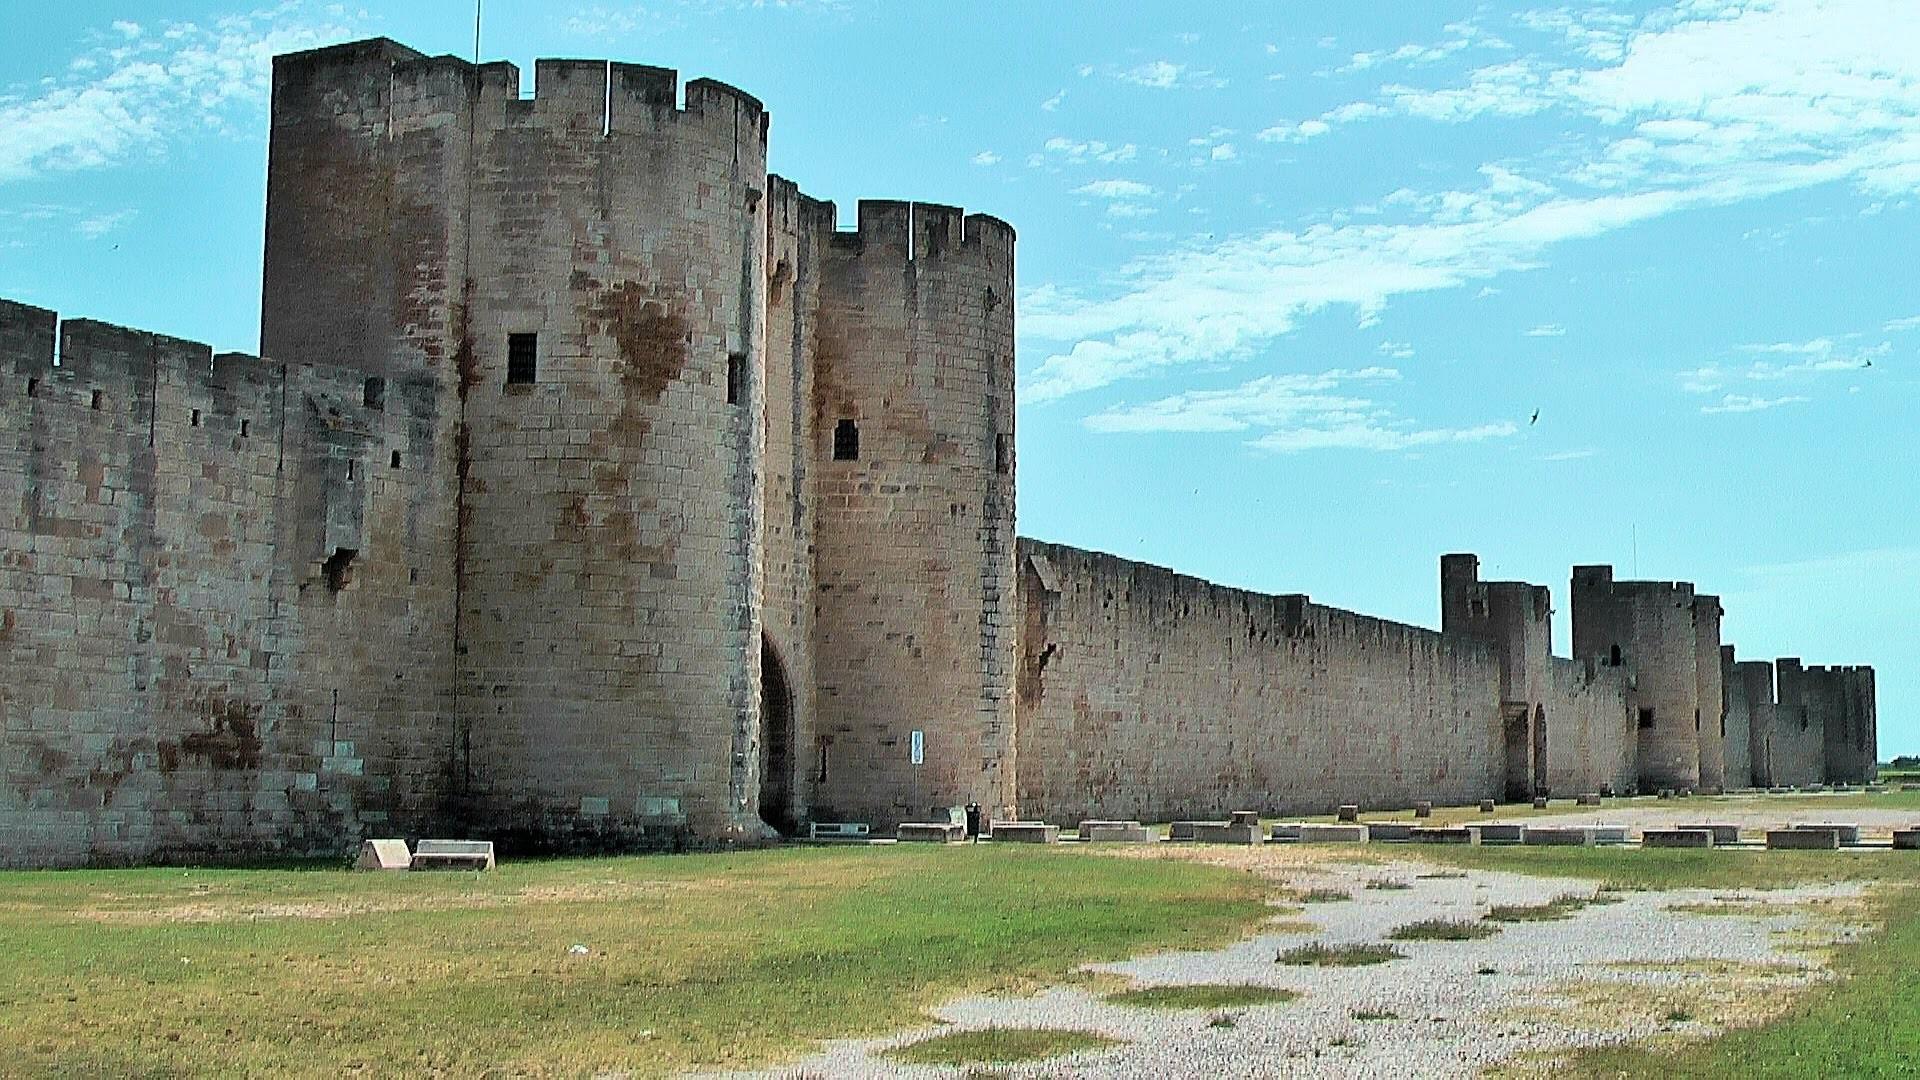 крепость каменная картинки долго думали что